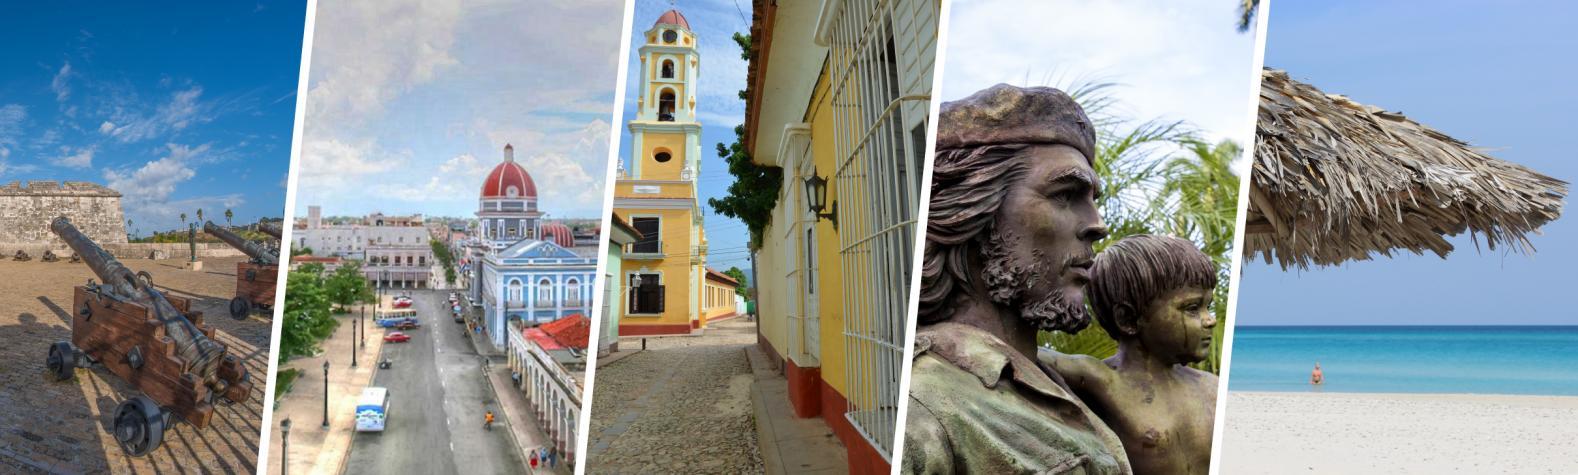 Minifarben und Aromen von Kuba (PQ2020-23 SUP)